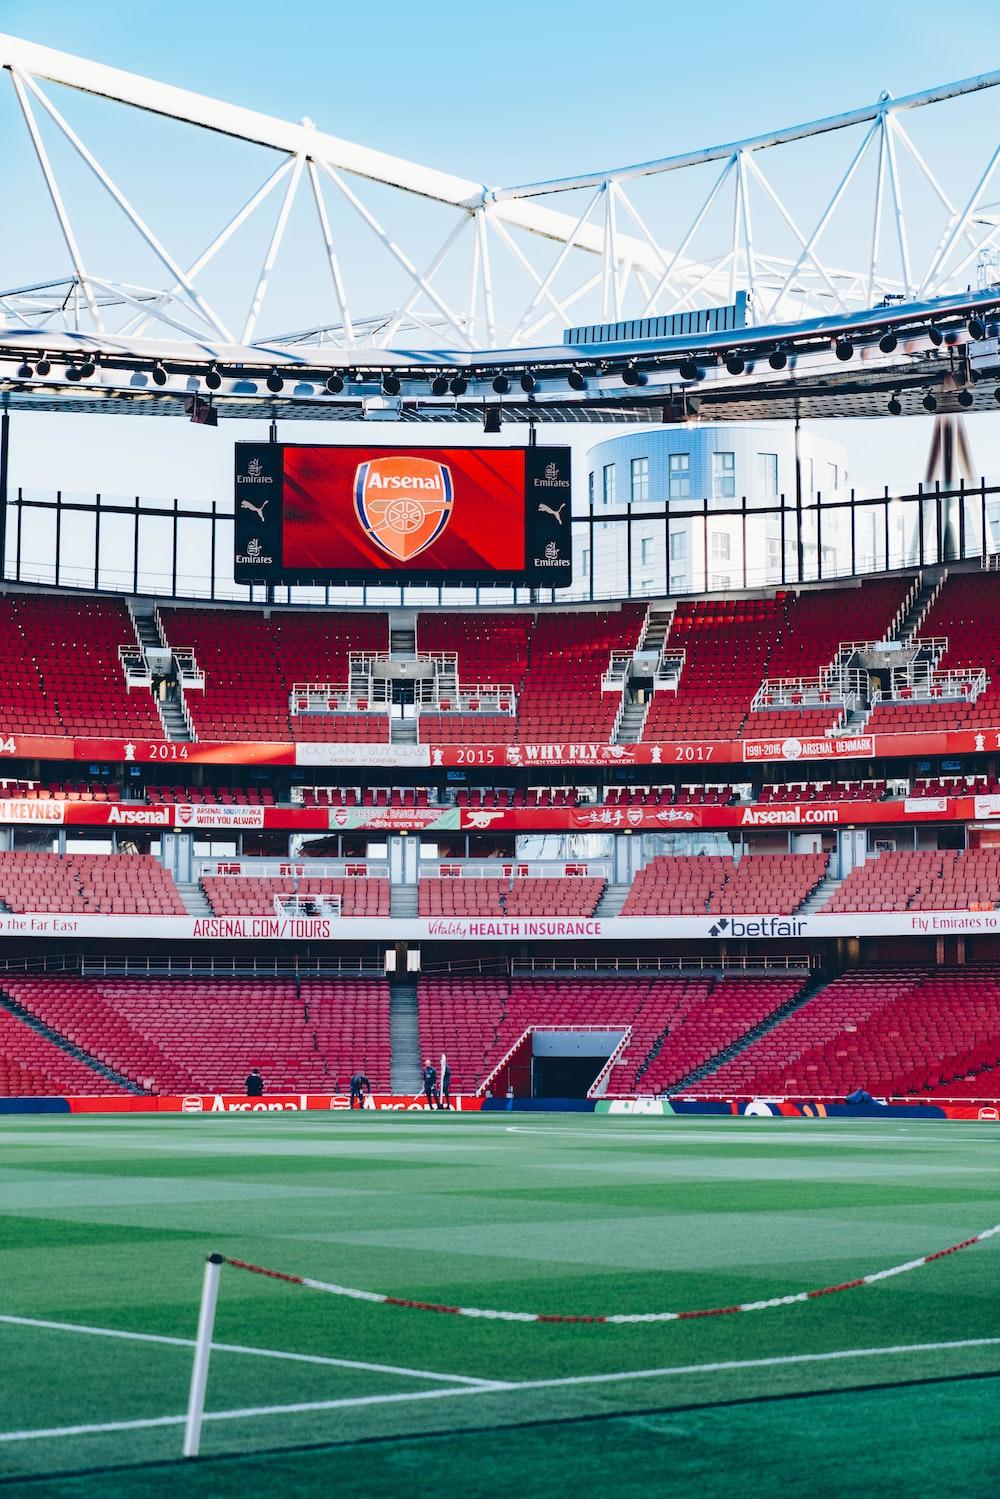 Arsenal soccer stadium during daytime